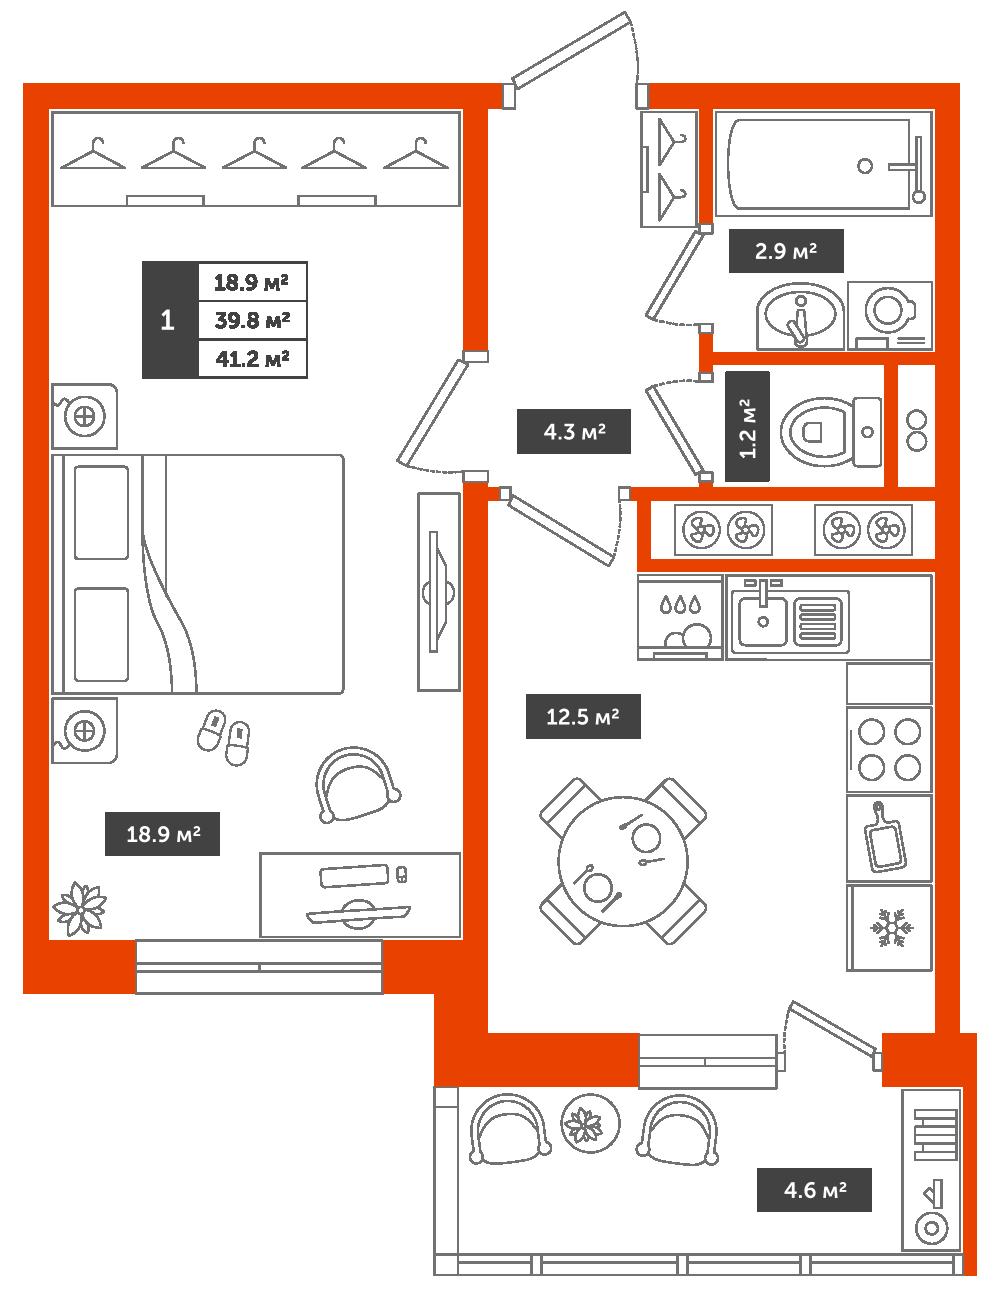 1-комнатная квартира, 41.2м² за 4,8 млн руб.